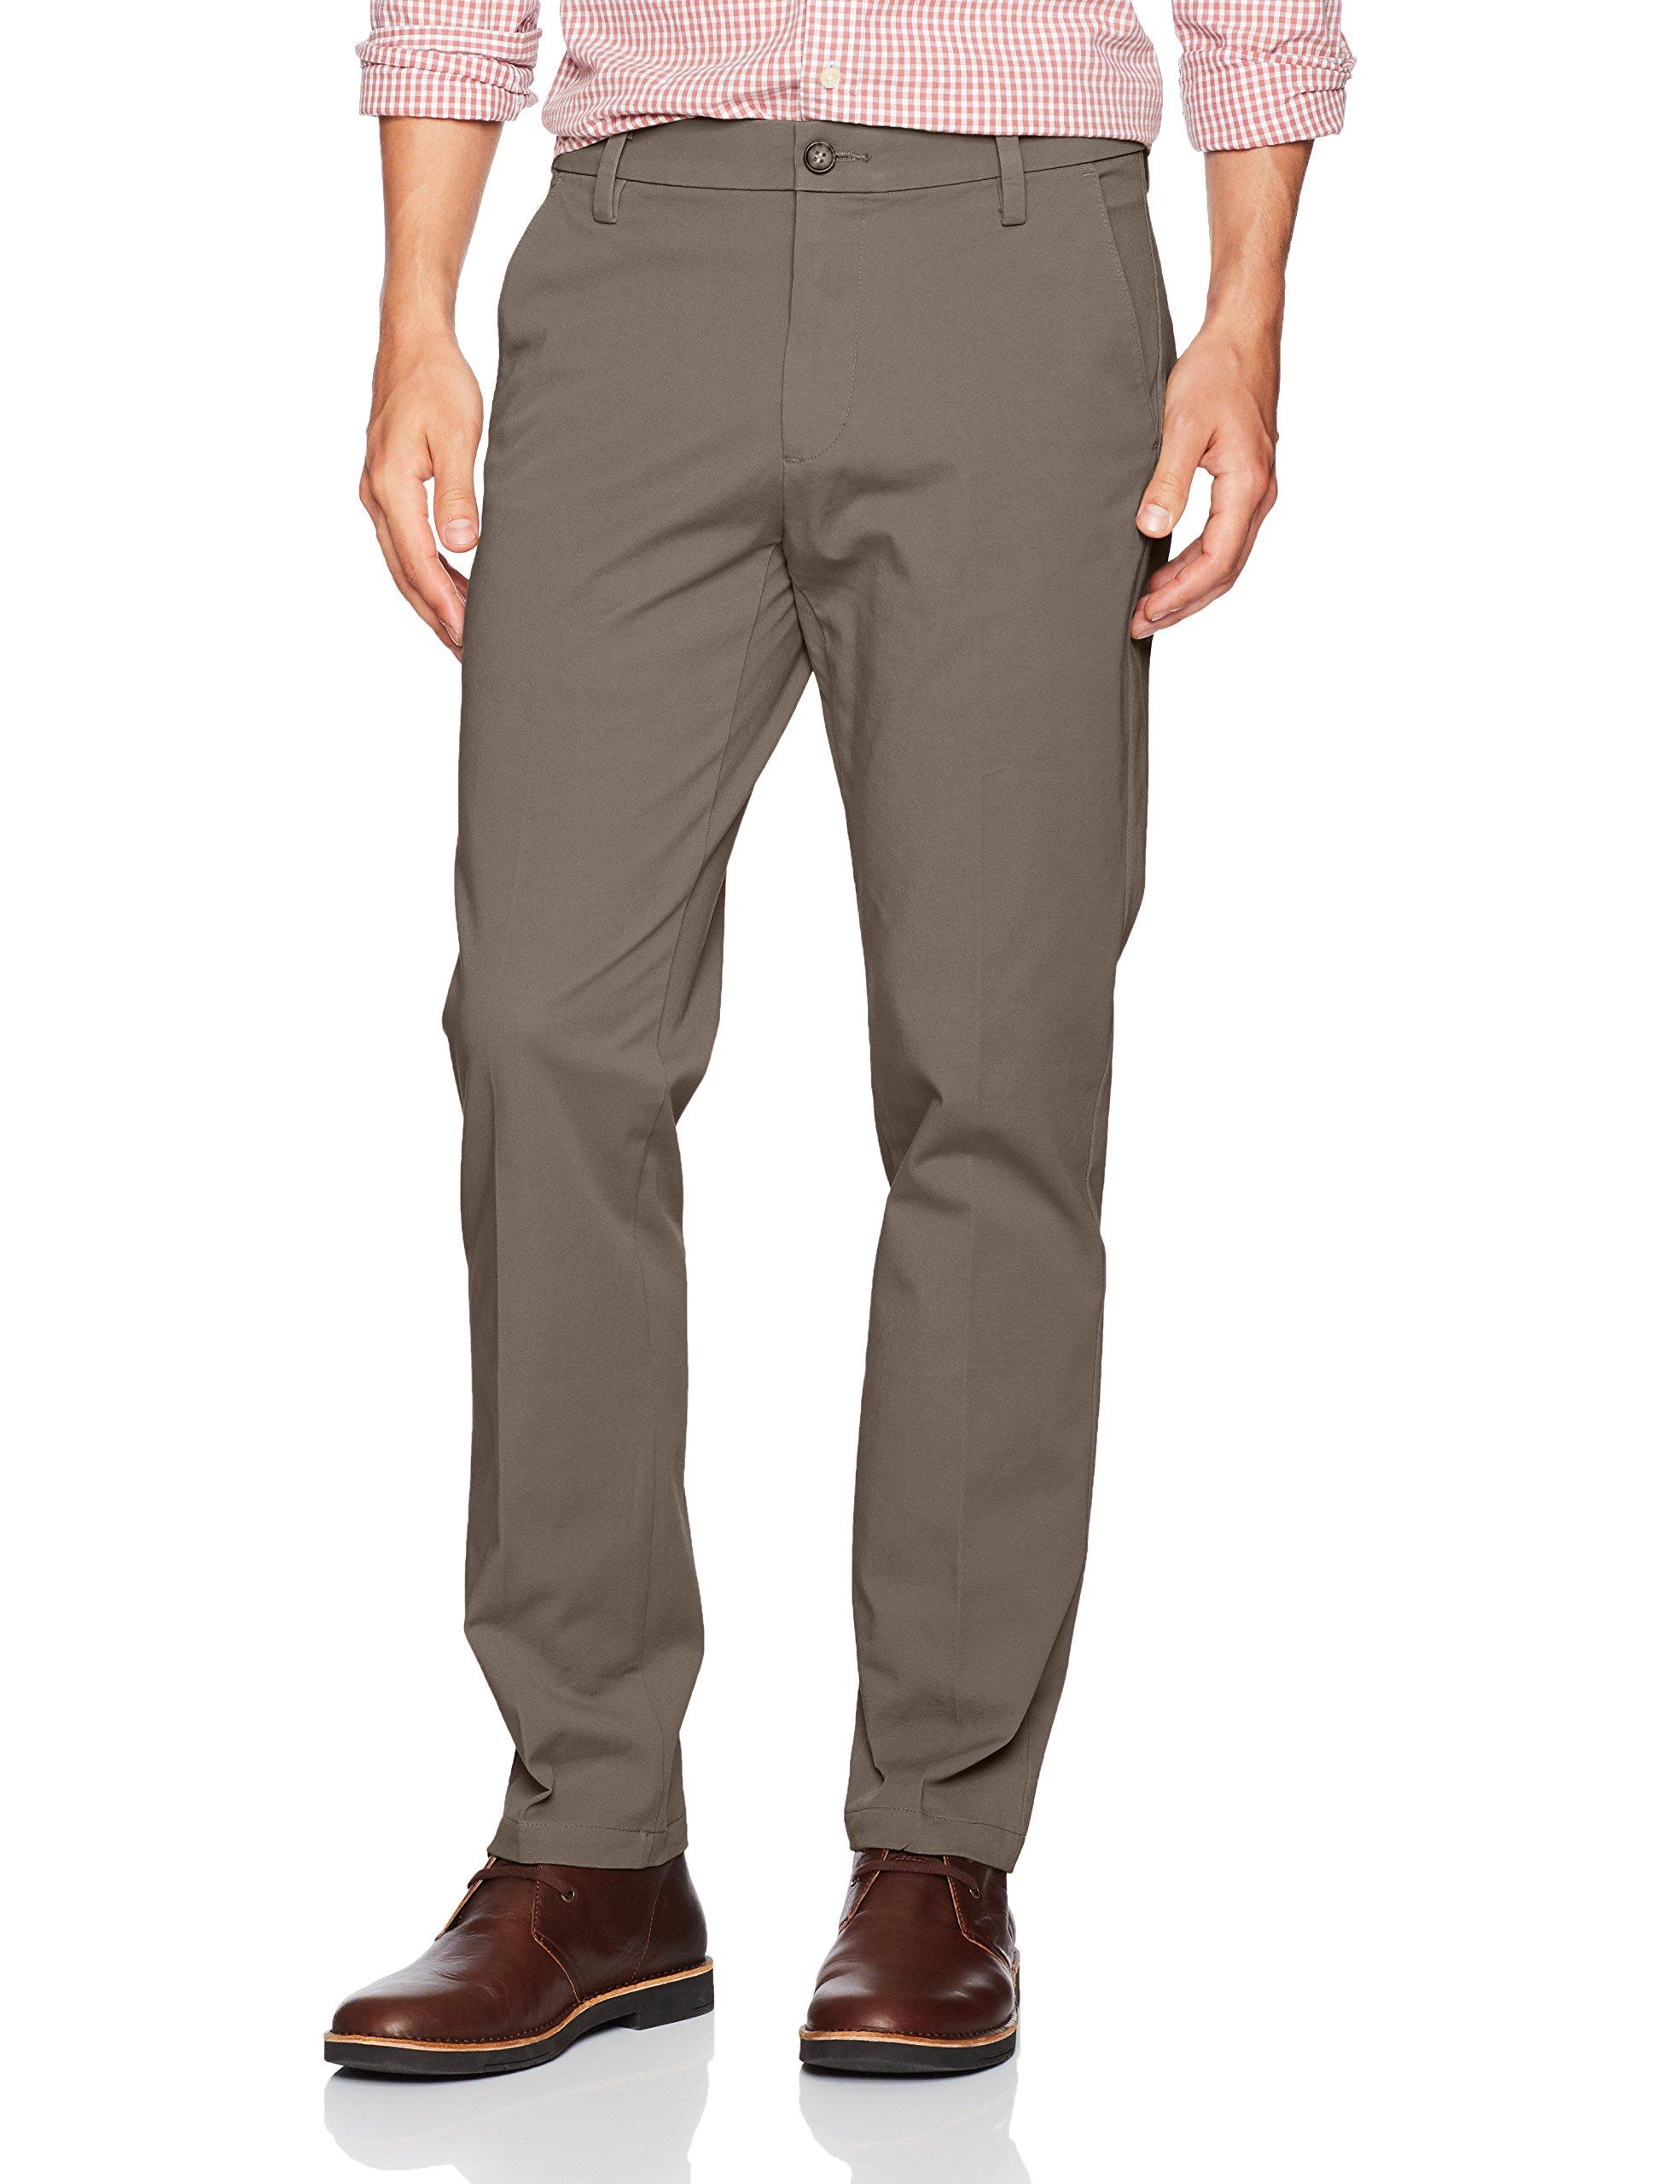 Dockers Men's Slim Tapered Fit Workday Khaki Smart 360 Flex Pants, Dark Pebble (Stretch), 34W x 32L